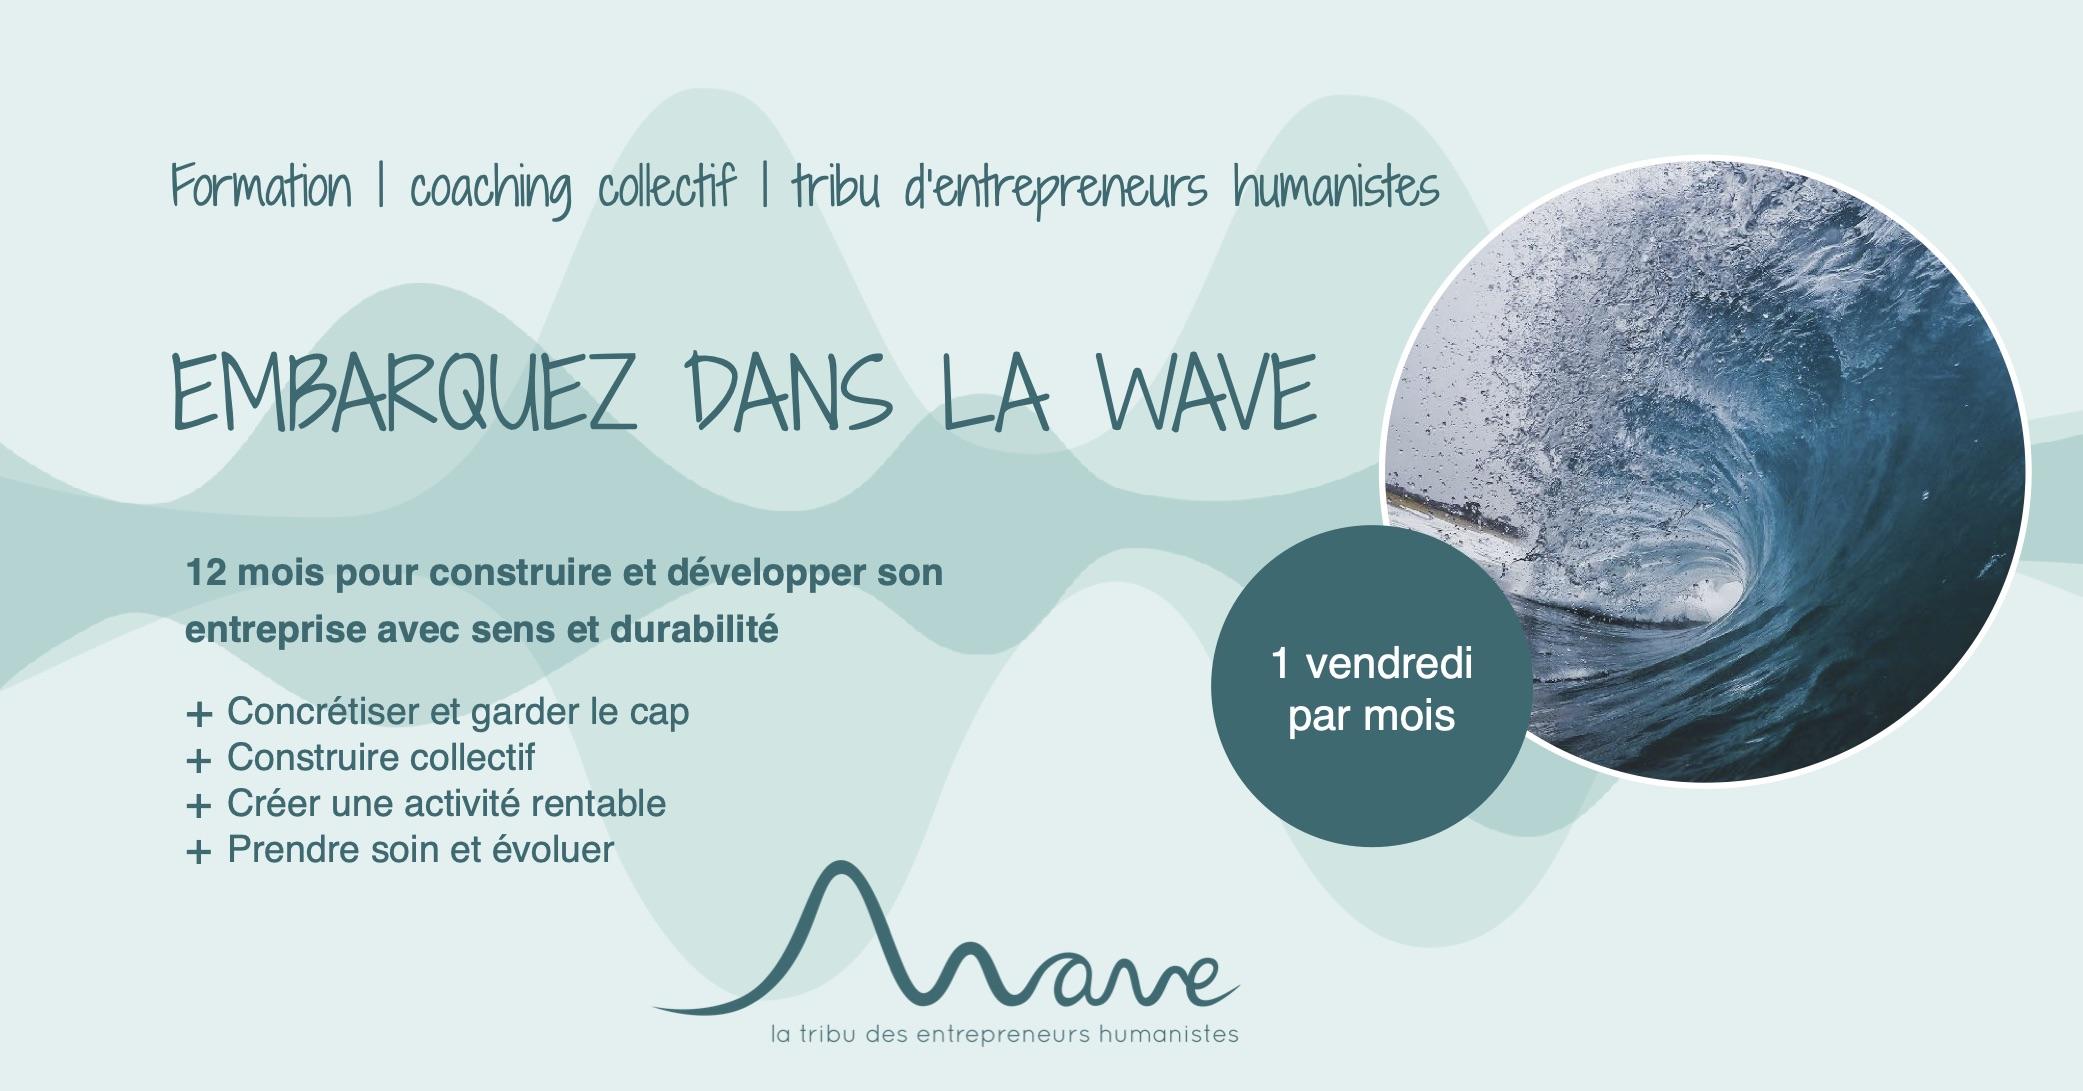 réseau-entrepreneurs-humanistes-wave-marseille-formation-coaching-transition-professionnelle